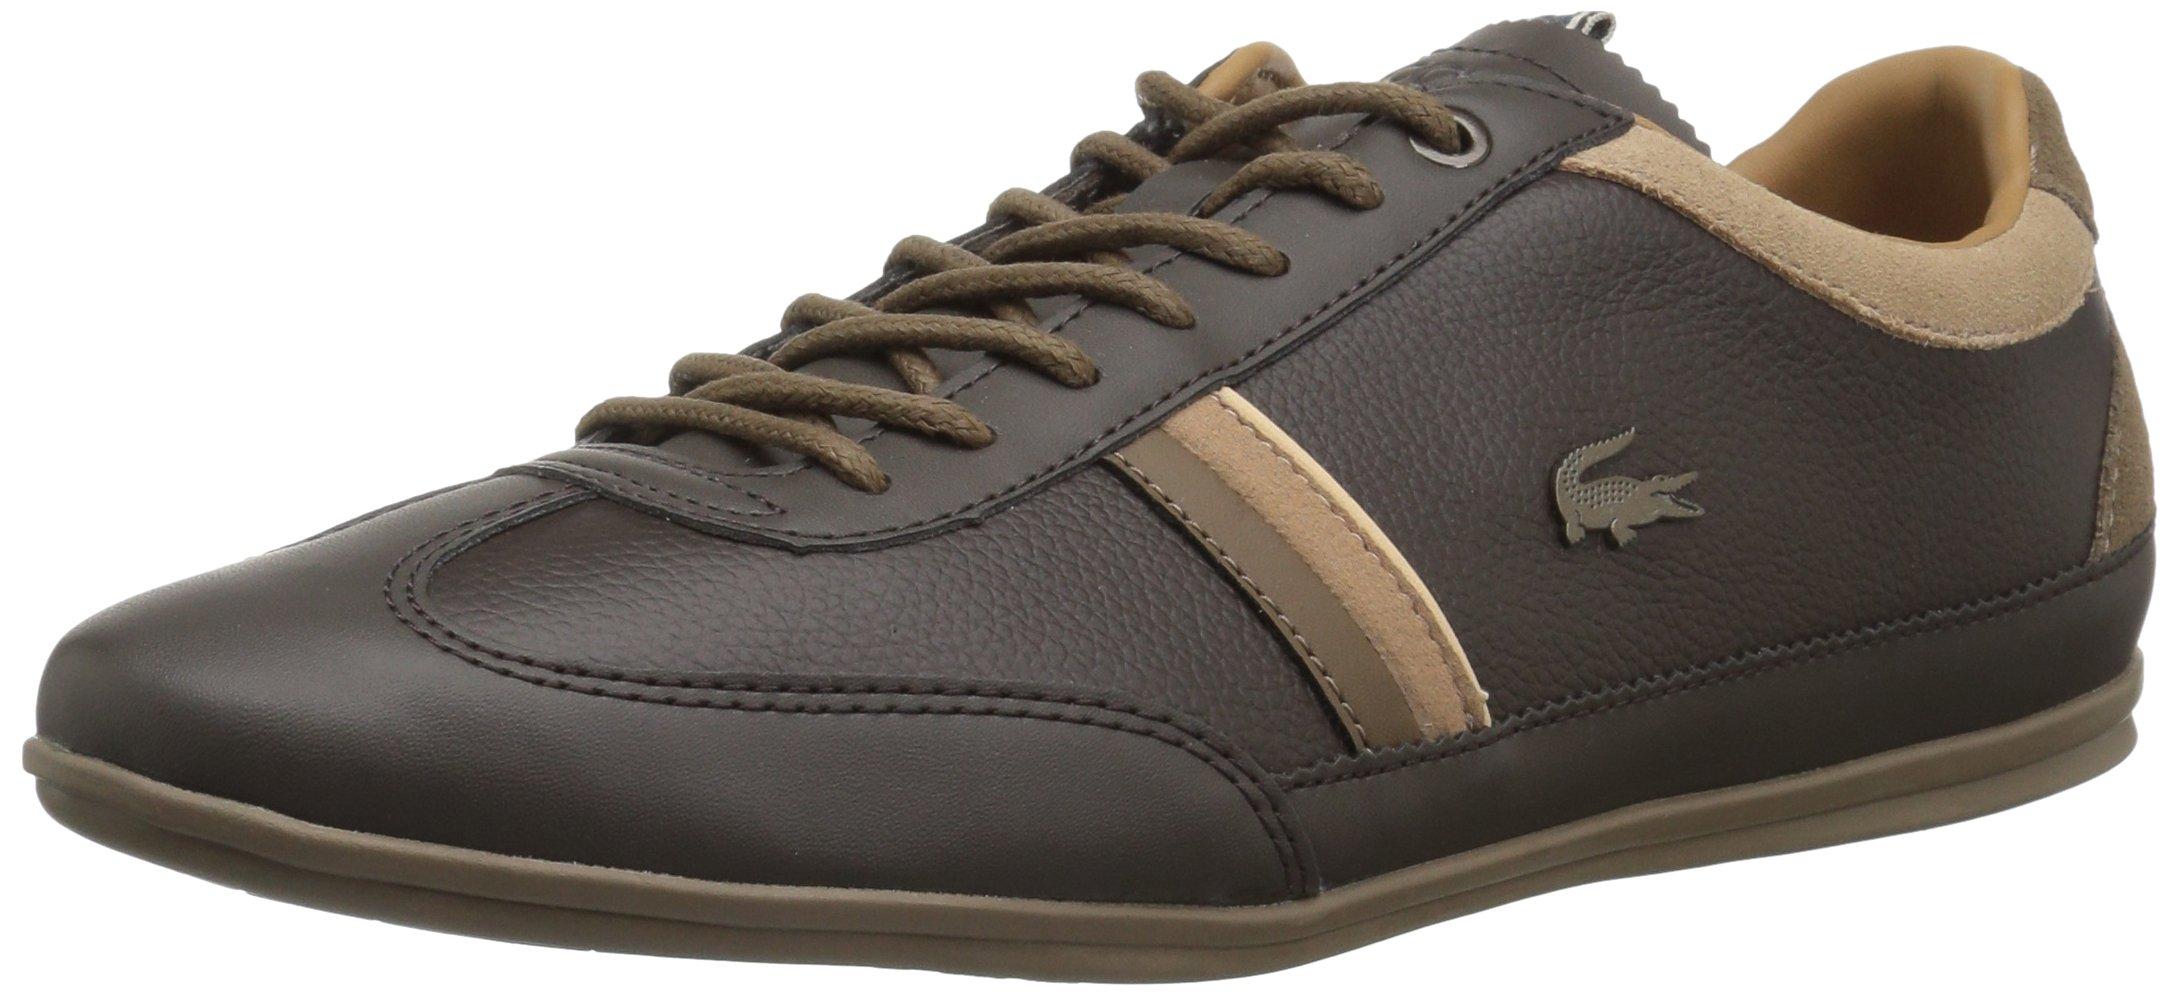 Lacoste Men's Misano 118 1 Sneaker, BRW/Ltbrw, 11 M US